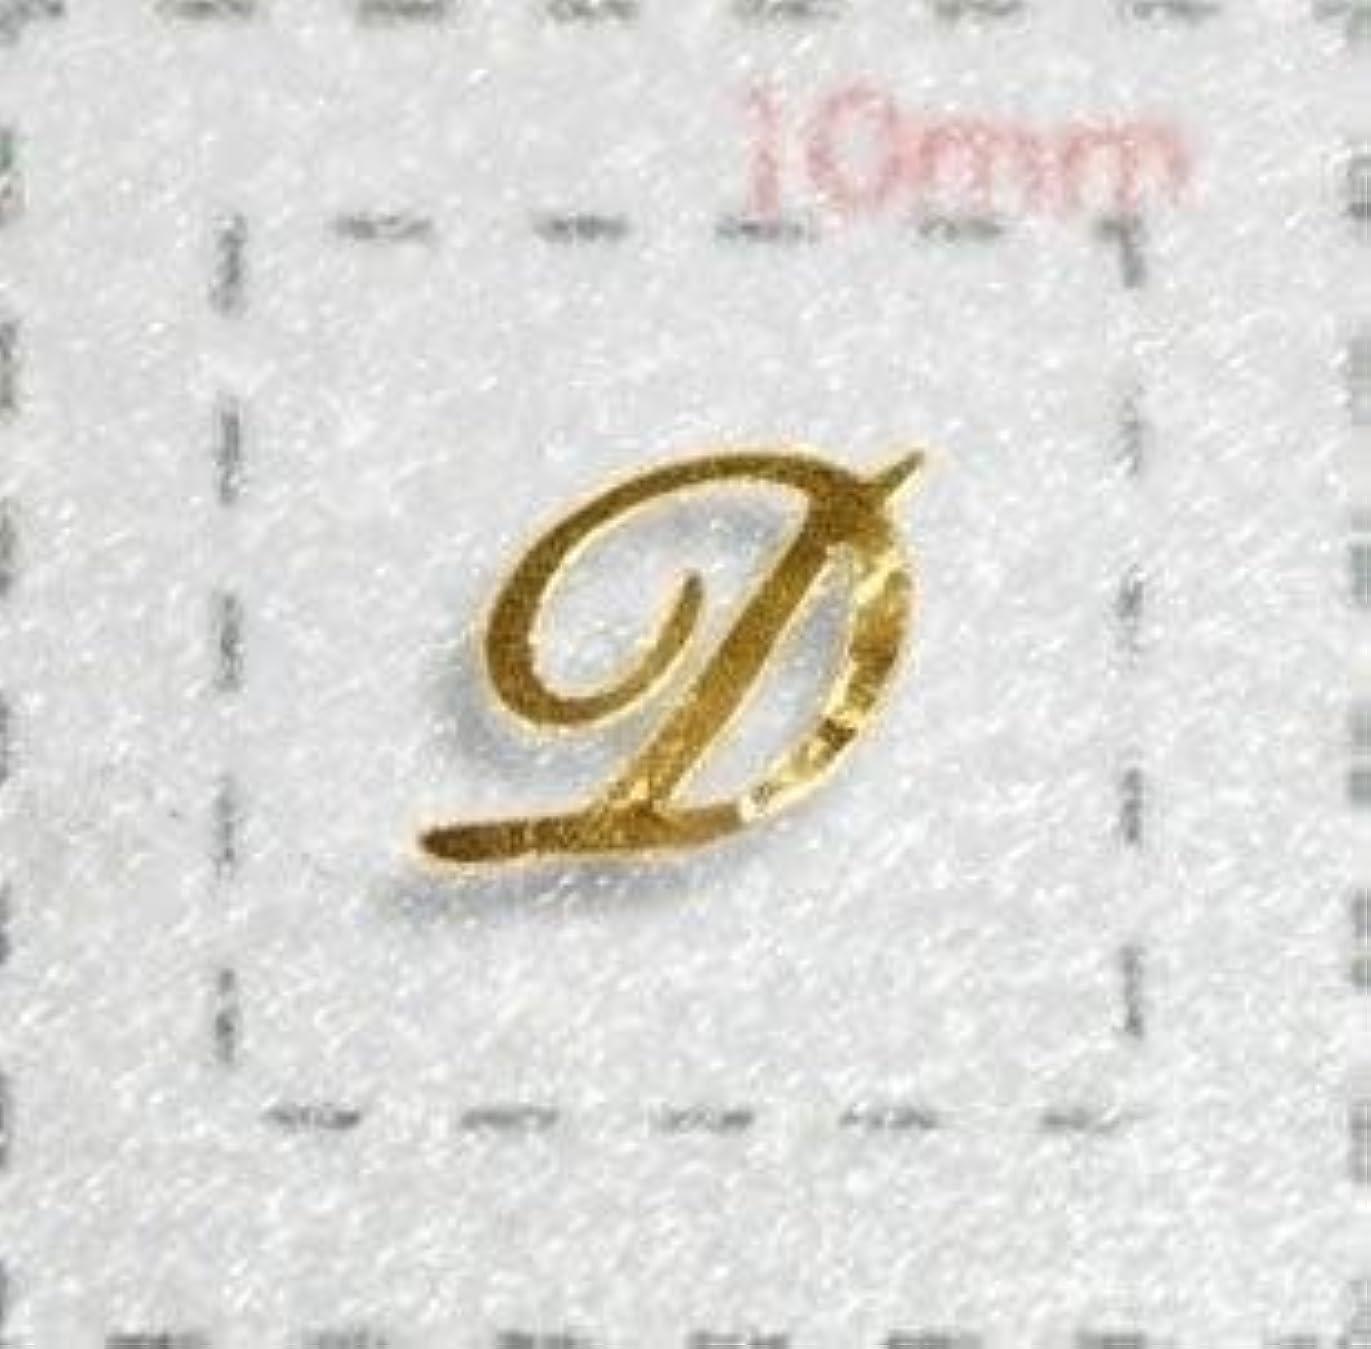 触覚スマイル飼い慣らすNameネイルシール【アルファベット?イニシャル】大文字ゴールド( D )1シート9枚入